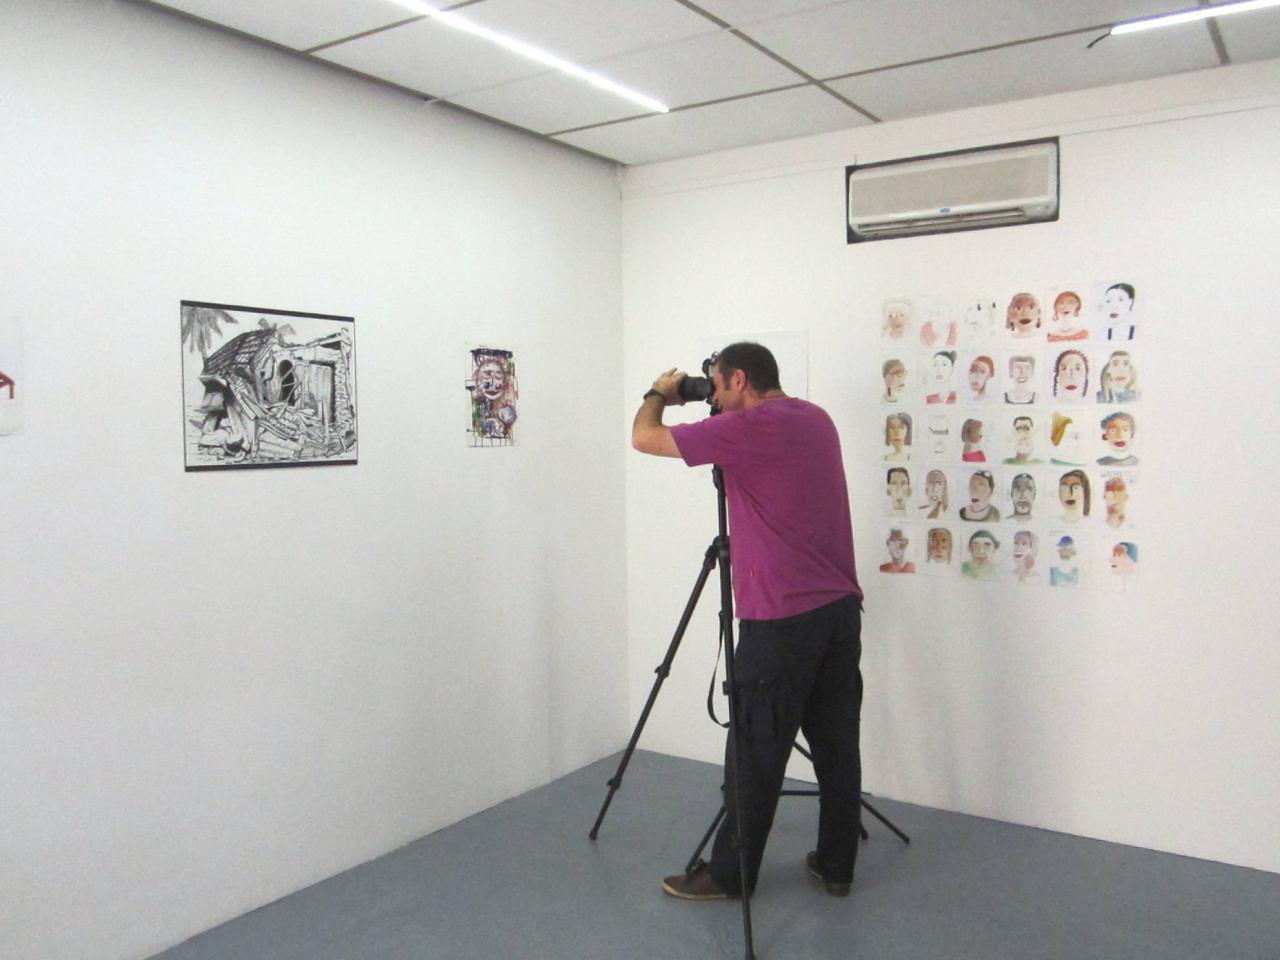 photographier le dessin